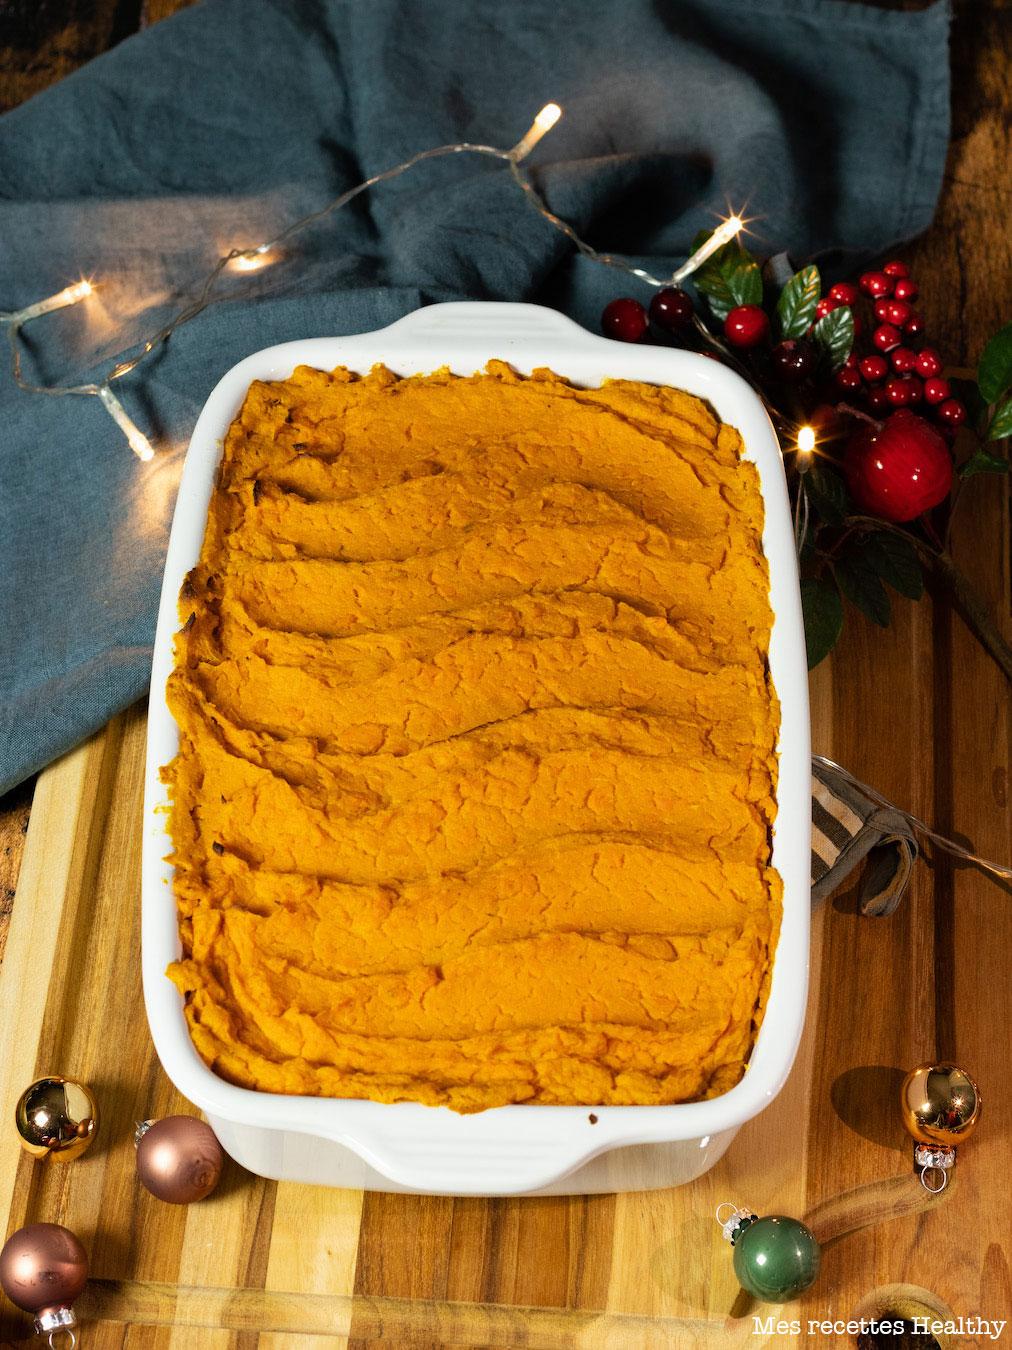 recette healthy-noel-nouvel an-hachis Parmentier de canard-confit de canard-patate douce-hachis Parmentier de canard